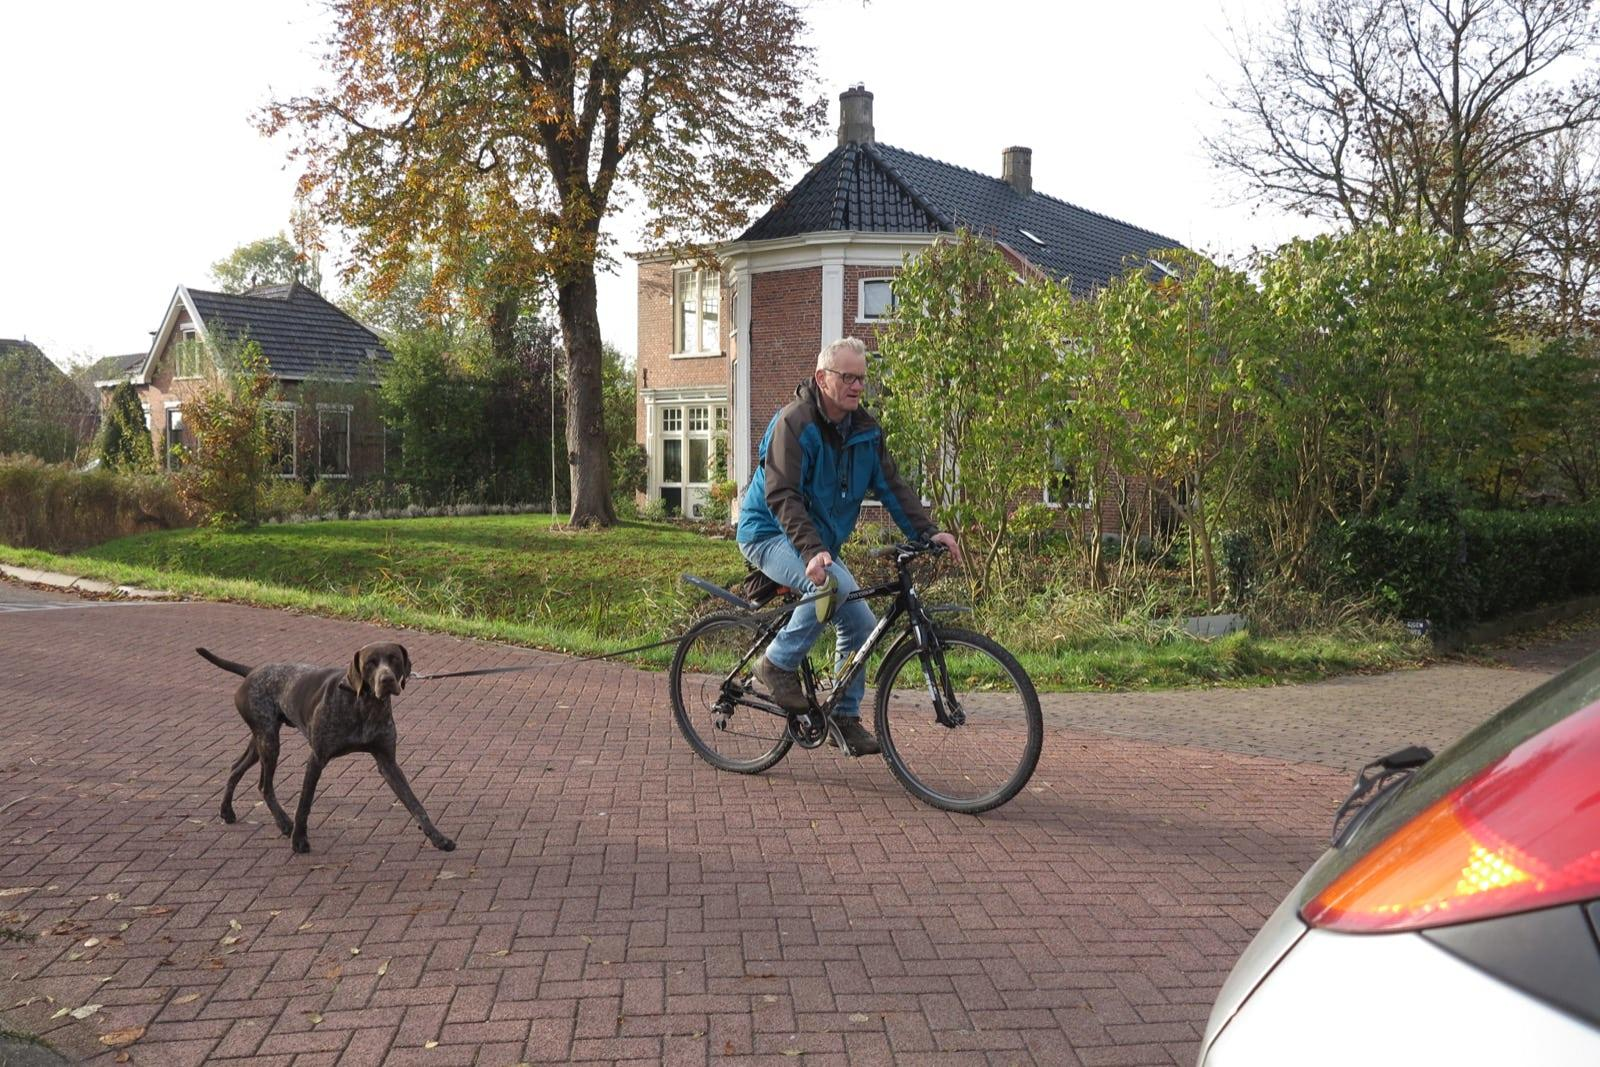 et-fiets-en-fietser-100-wout-oi.jpg